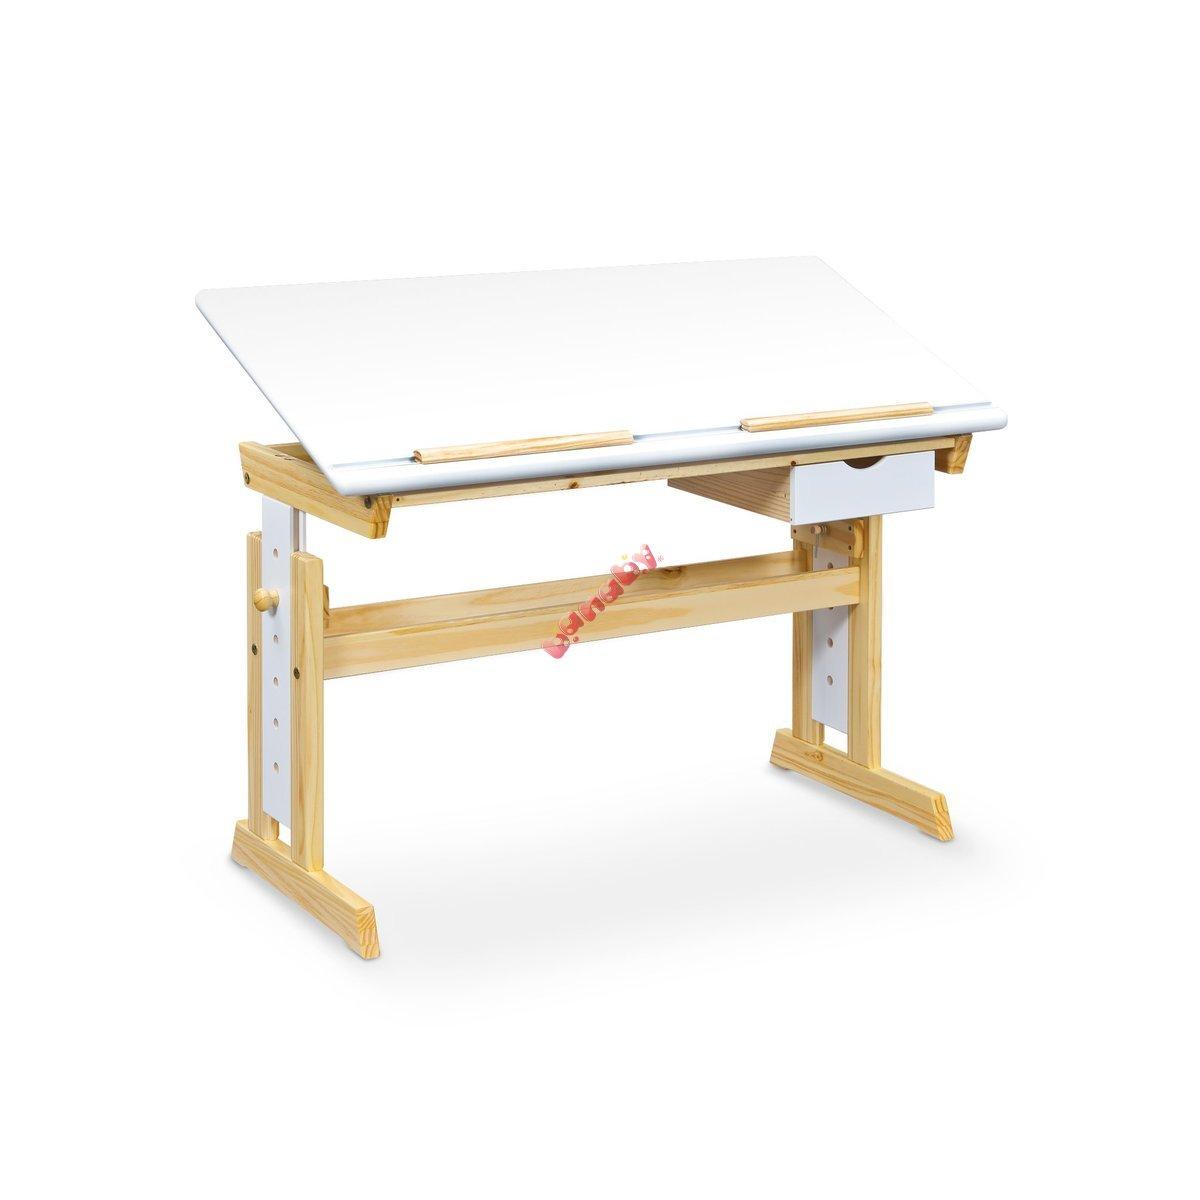 80d1c6517fb7 Detský písací stôl Anas - banaby.sk